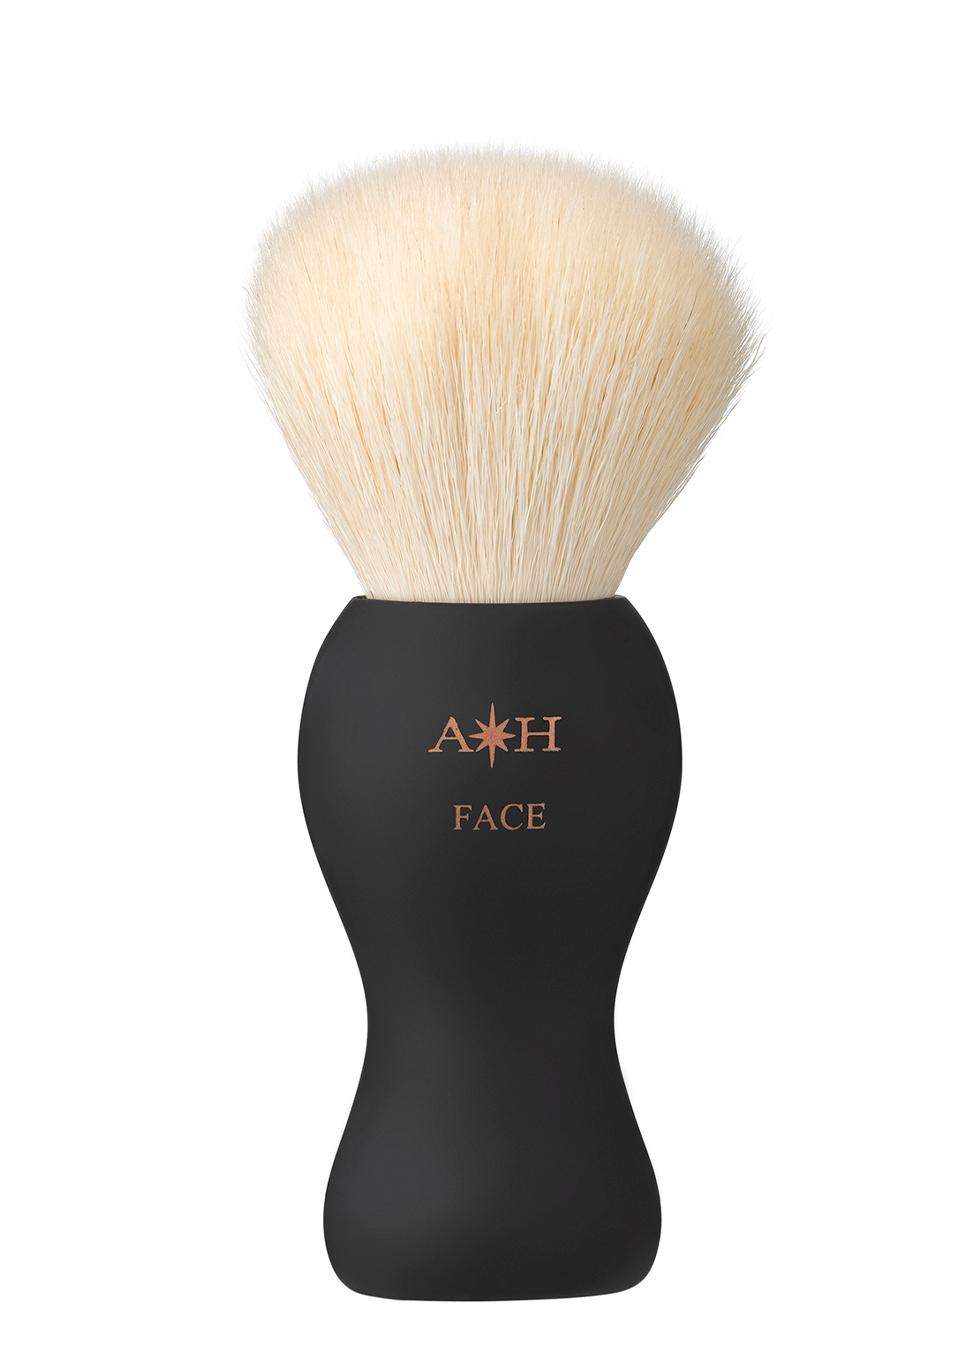 The Face Buffer Brush